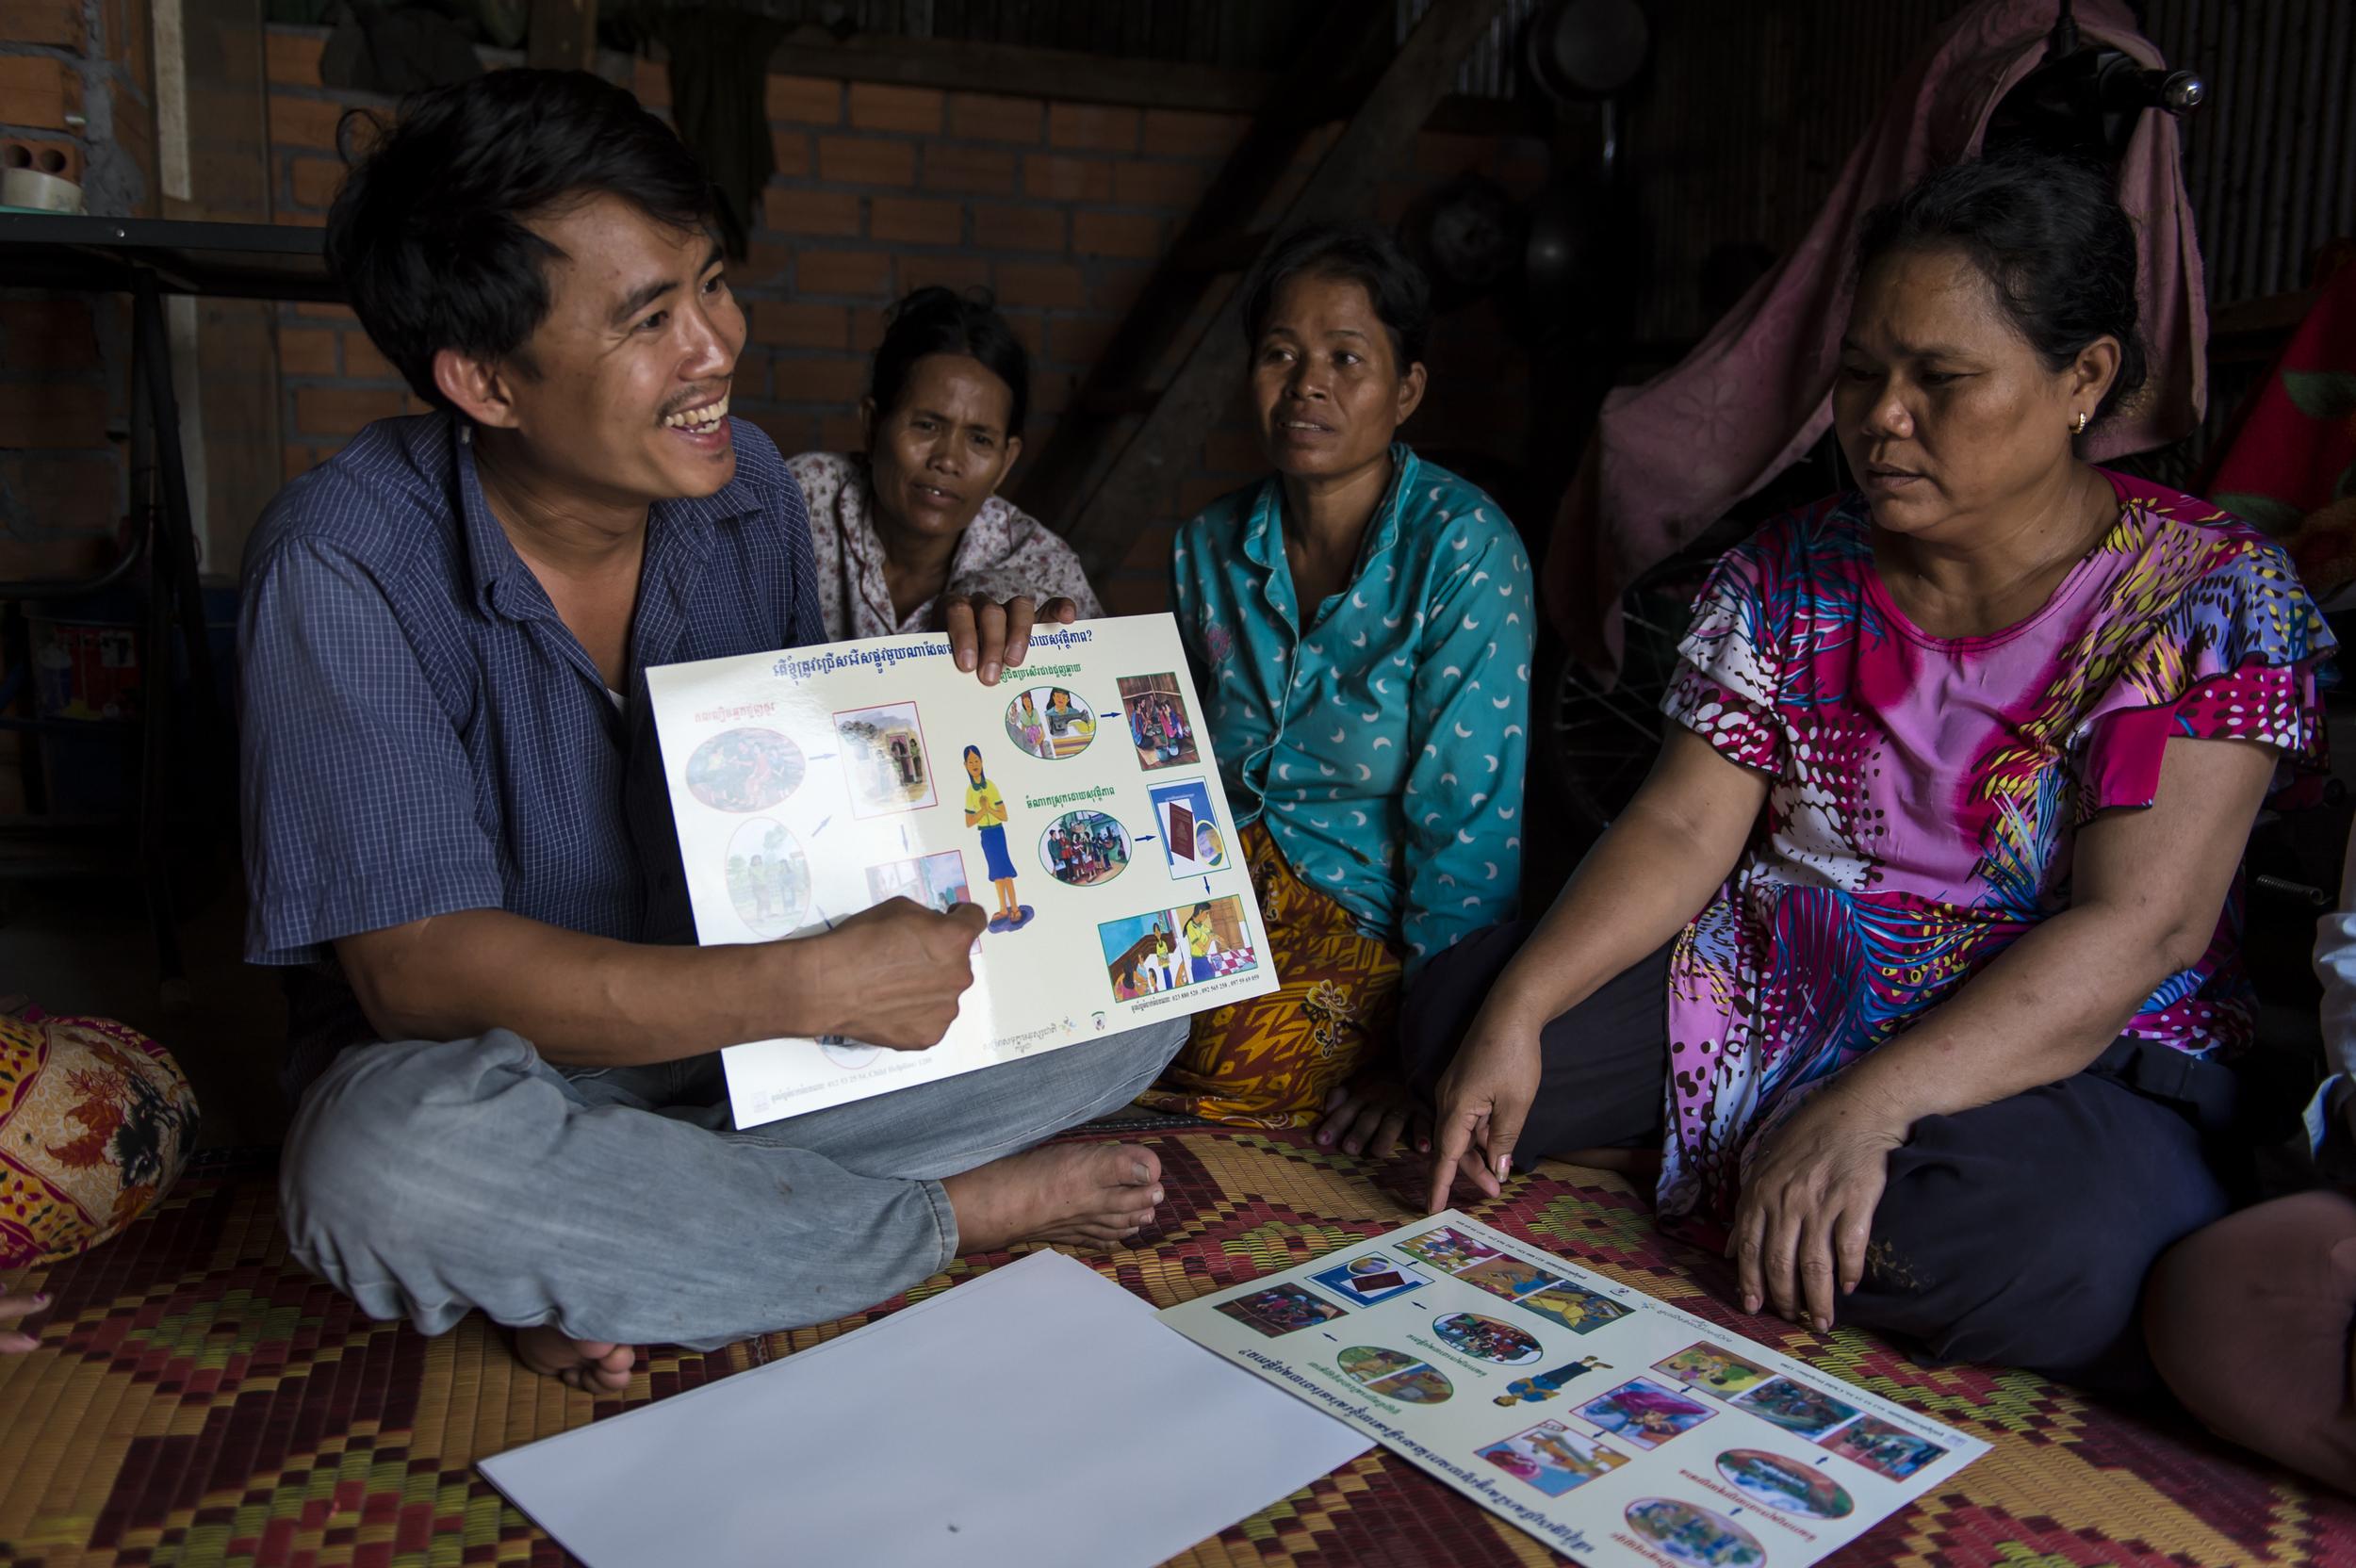 World Relief - Phnom Penh, Cambodia, March 4, 2014